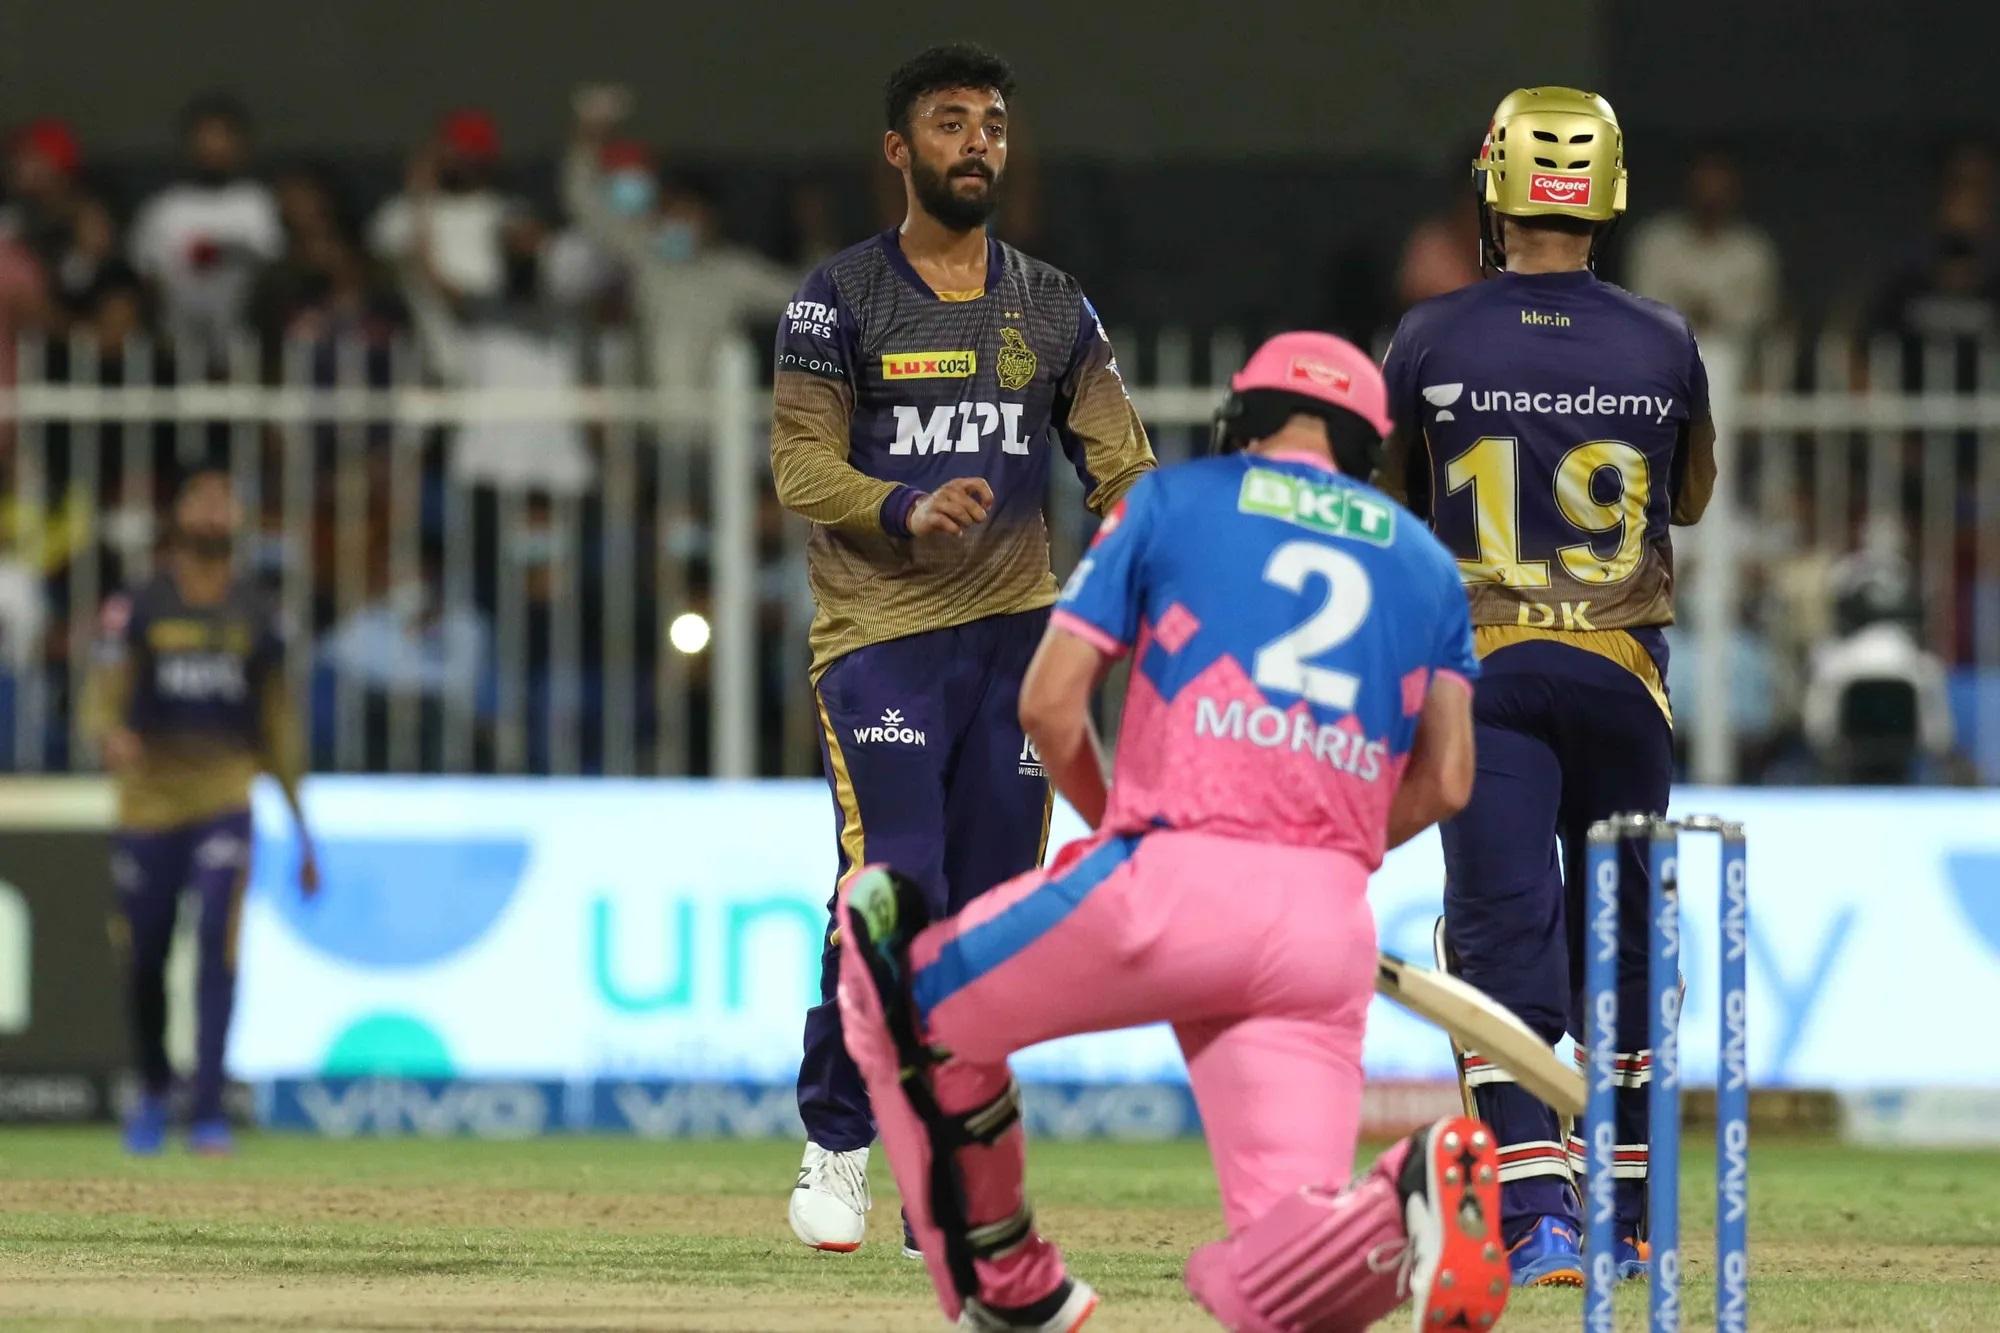 IPL के सबसे महंगे खिलाड़ी क्रिस मॉरिस की ये आखिरी तस्वीर है। इसमें वो घुटने टेकते हुए नजर आ रहे हैं। वे पूरे सीजन में ऐसे ही घुटने टेके रहे। उन्होंने कुल 11 मैच खेले। इसमें उन्होंने कुल 67 रन बनाए और 15 विकेट लिए। विकेट की नजर देखेंगे तो इनका 1 विकेट 1 करोड़ रुपए से महंगा था। रन के हिसाब से 1 रन करीब 25 लाख रुपए का।